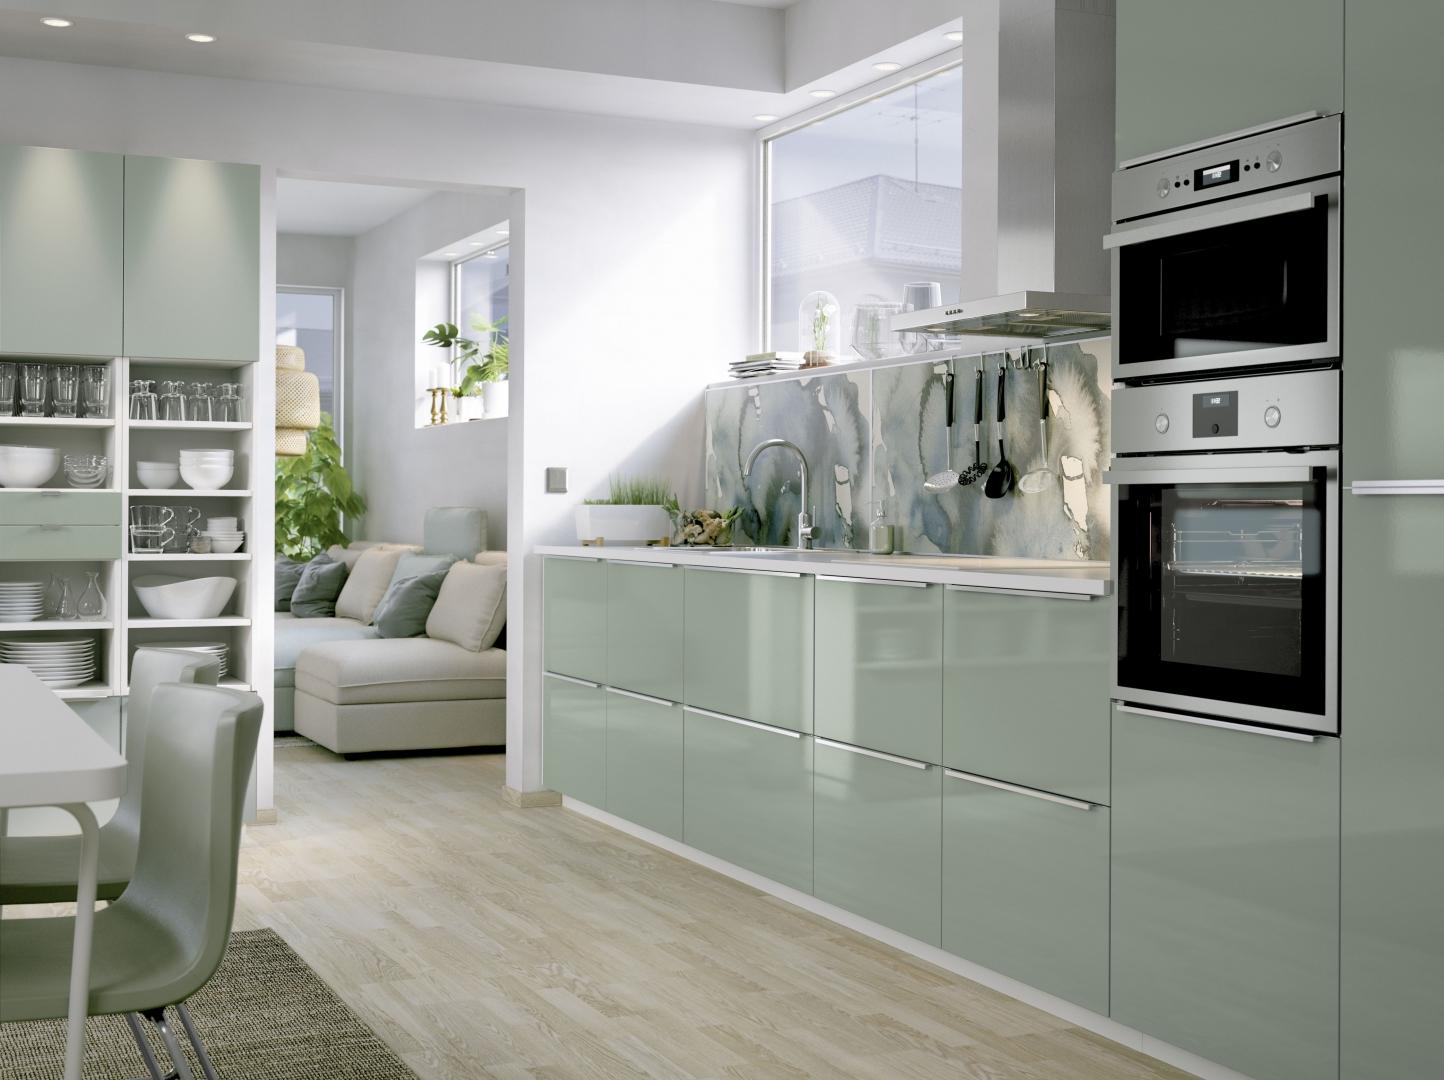 Interieur : Ikea lanceert design keuken met karakter u2022 Stijlvol ...